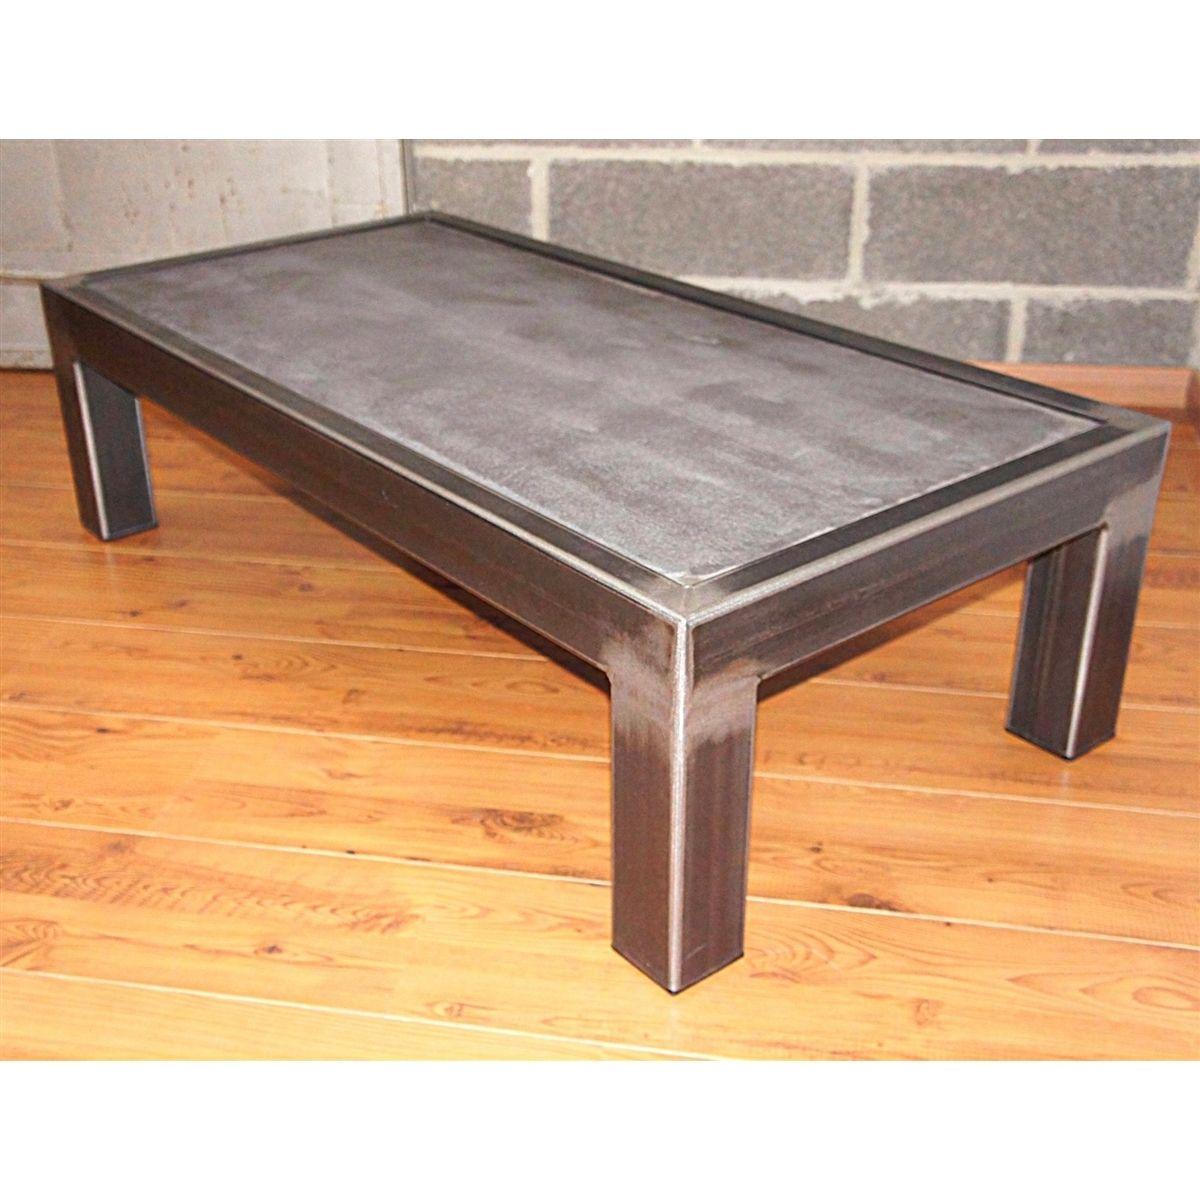 Table En Béton Ciré Et Bois table basse métal brut et béton ciré 120 x 60 x h 40